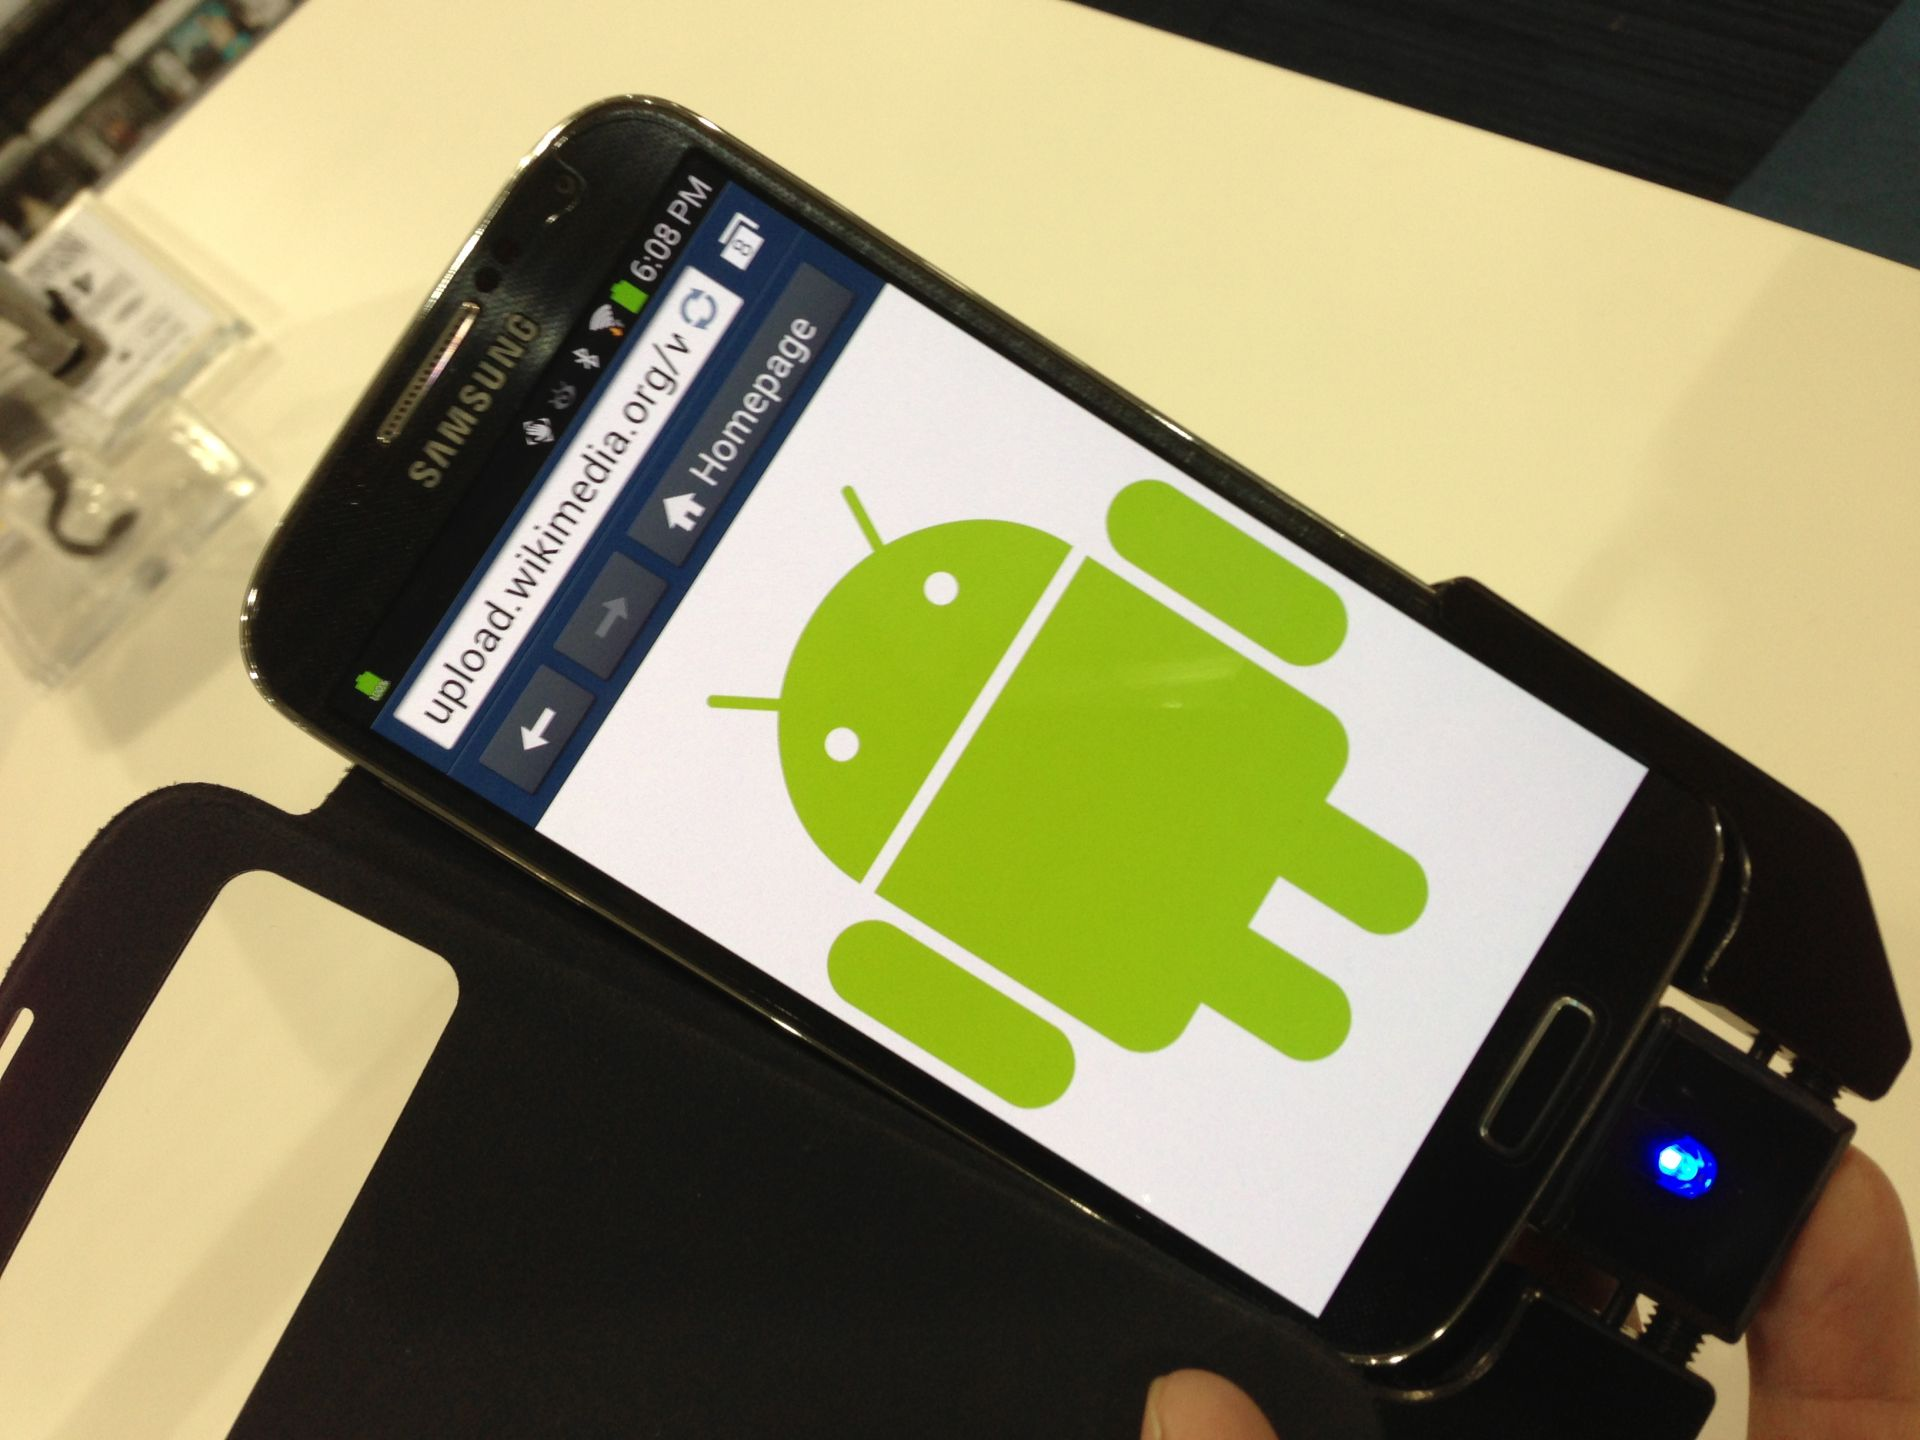 Android sostituito da Windows 10?